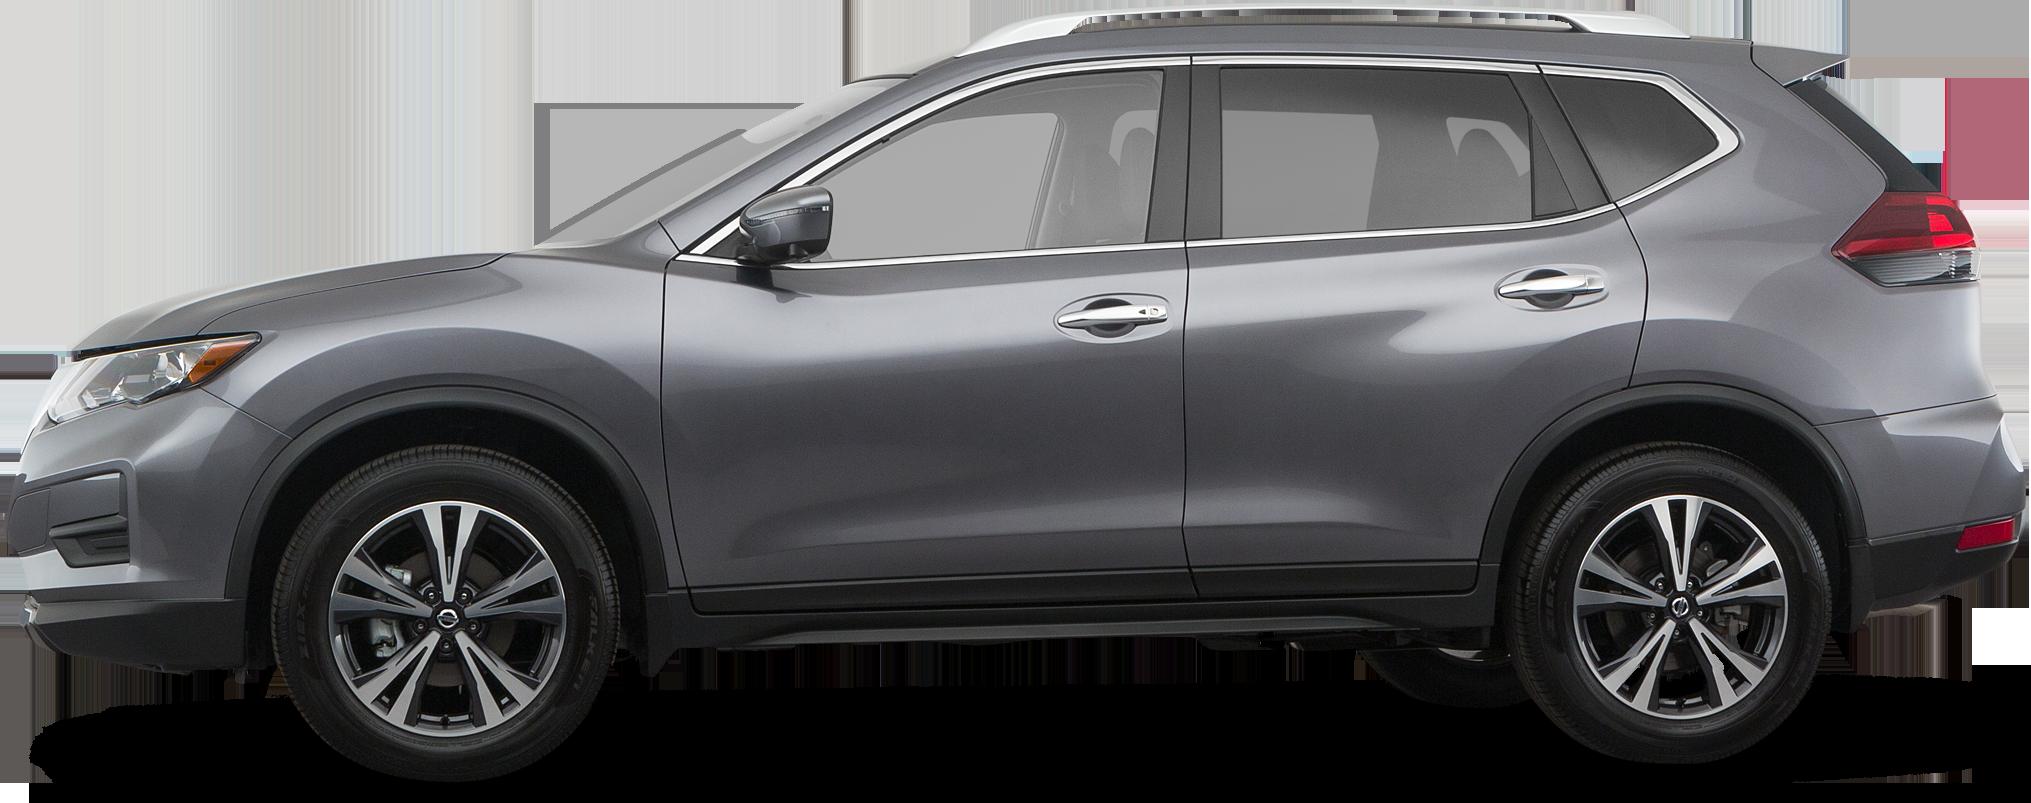 2020 Nissan Rogue SUV SV